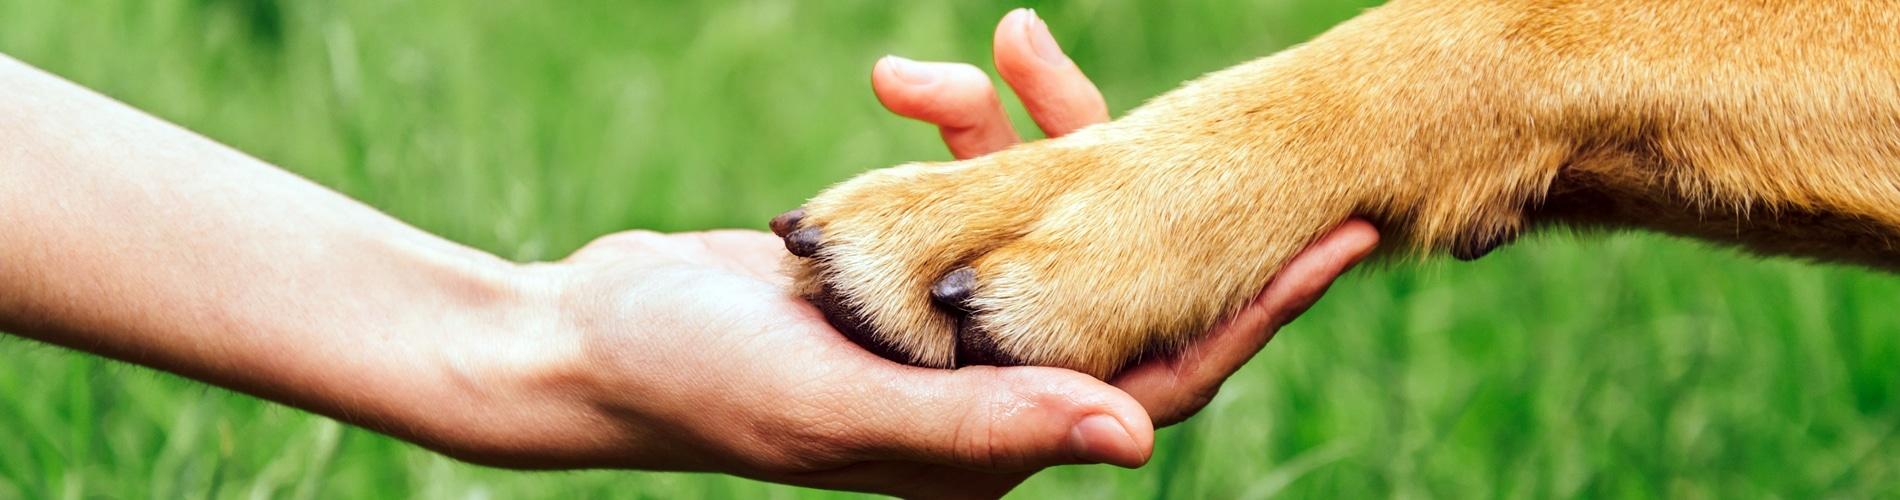 Menschenhand und Hundepfote